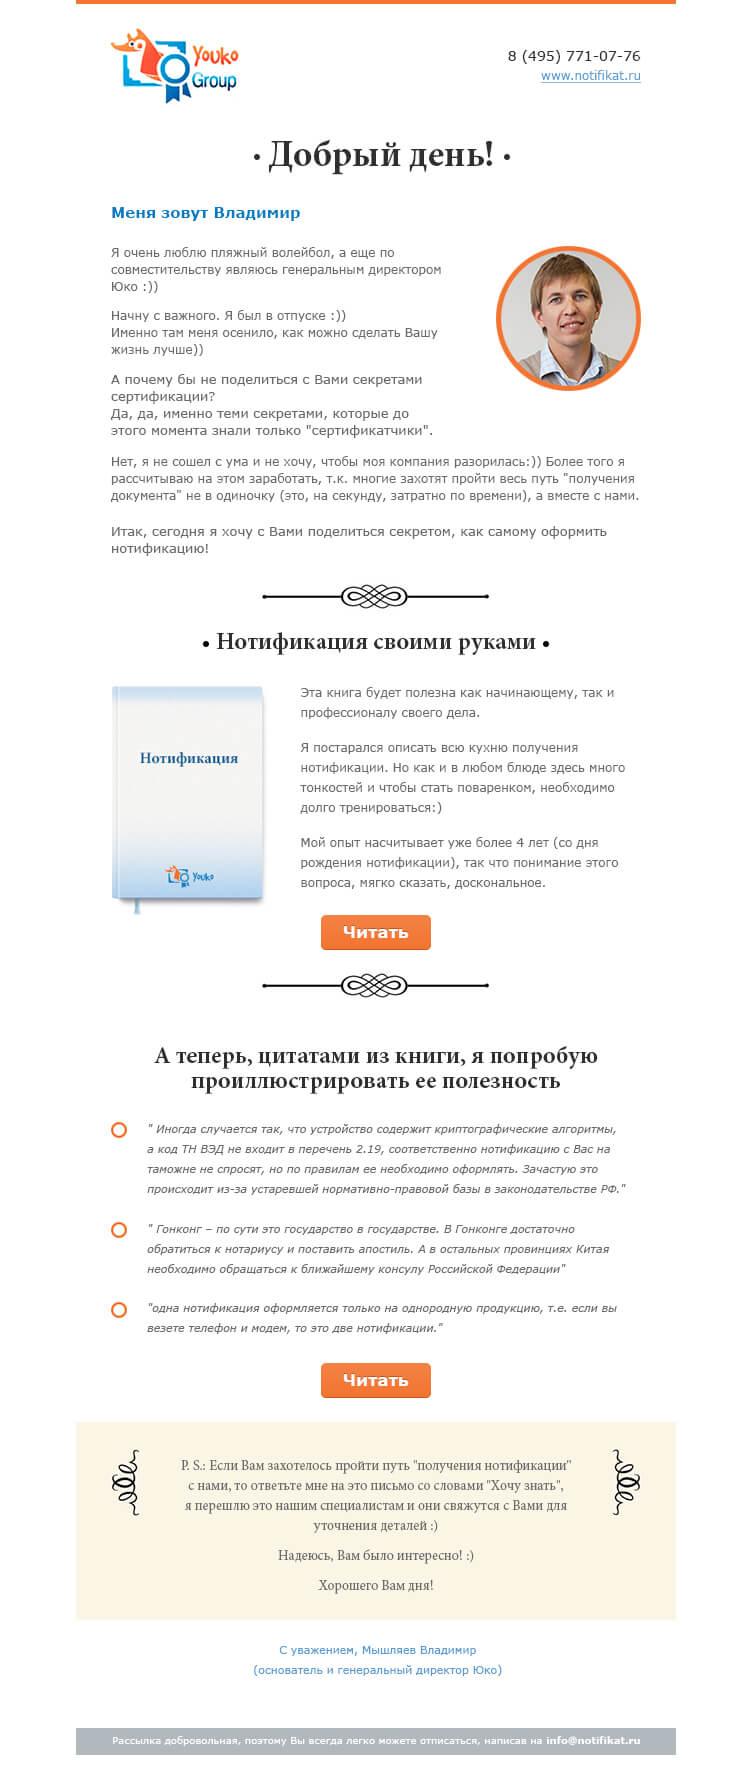 """Промо письма о книге """"Нотификация своими руками"""" от Youko"""